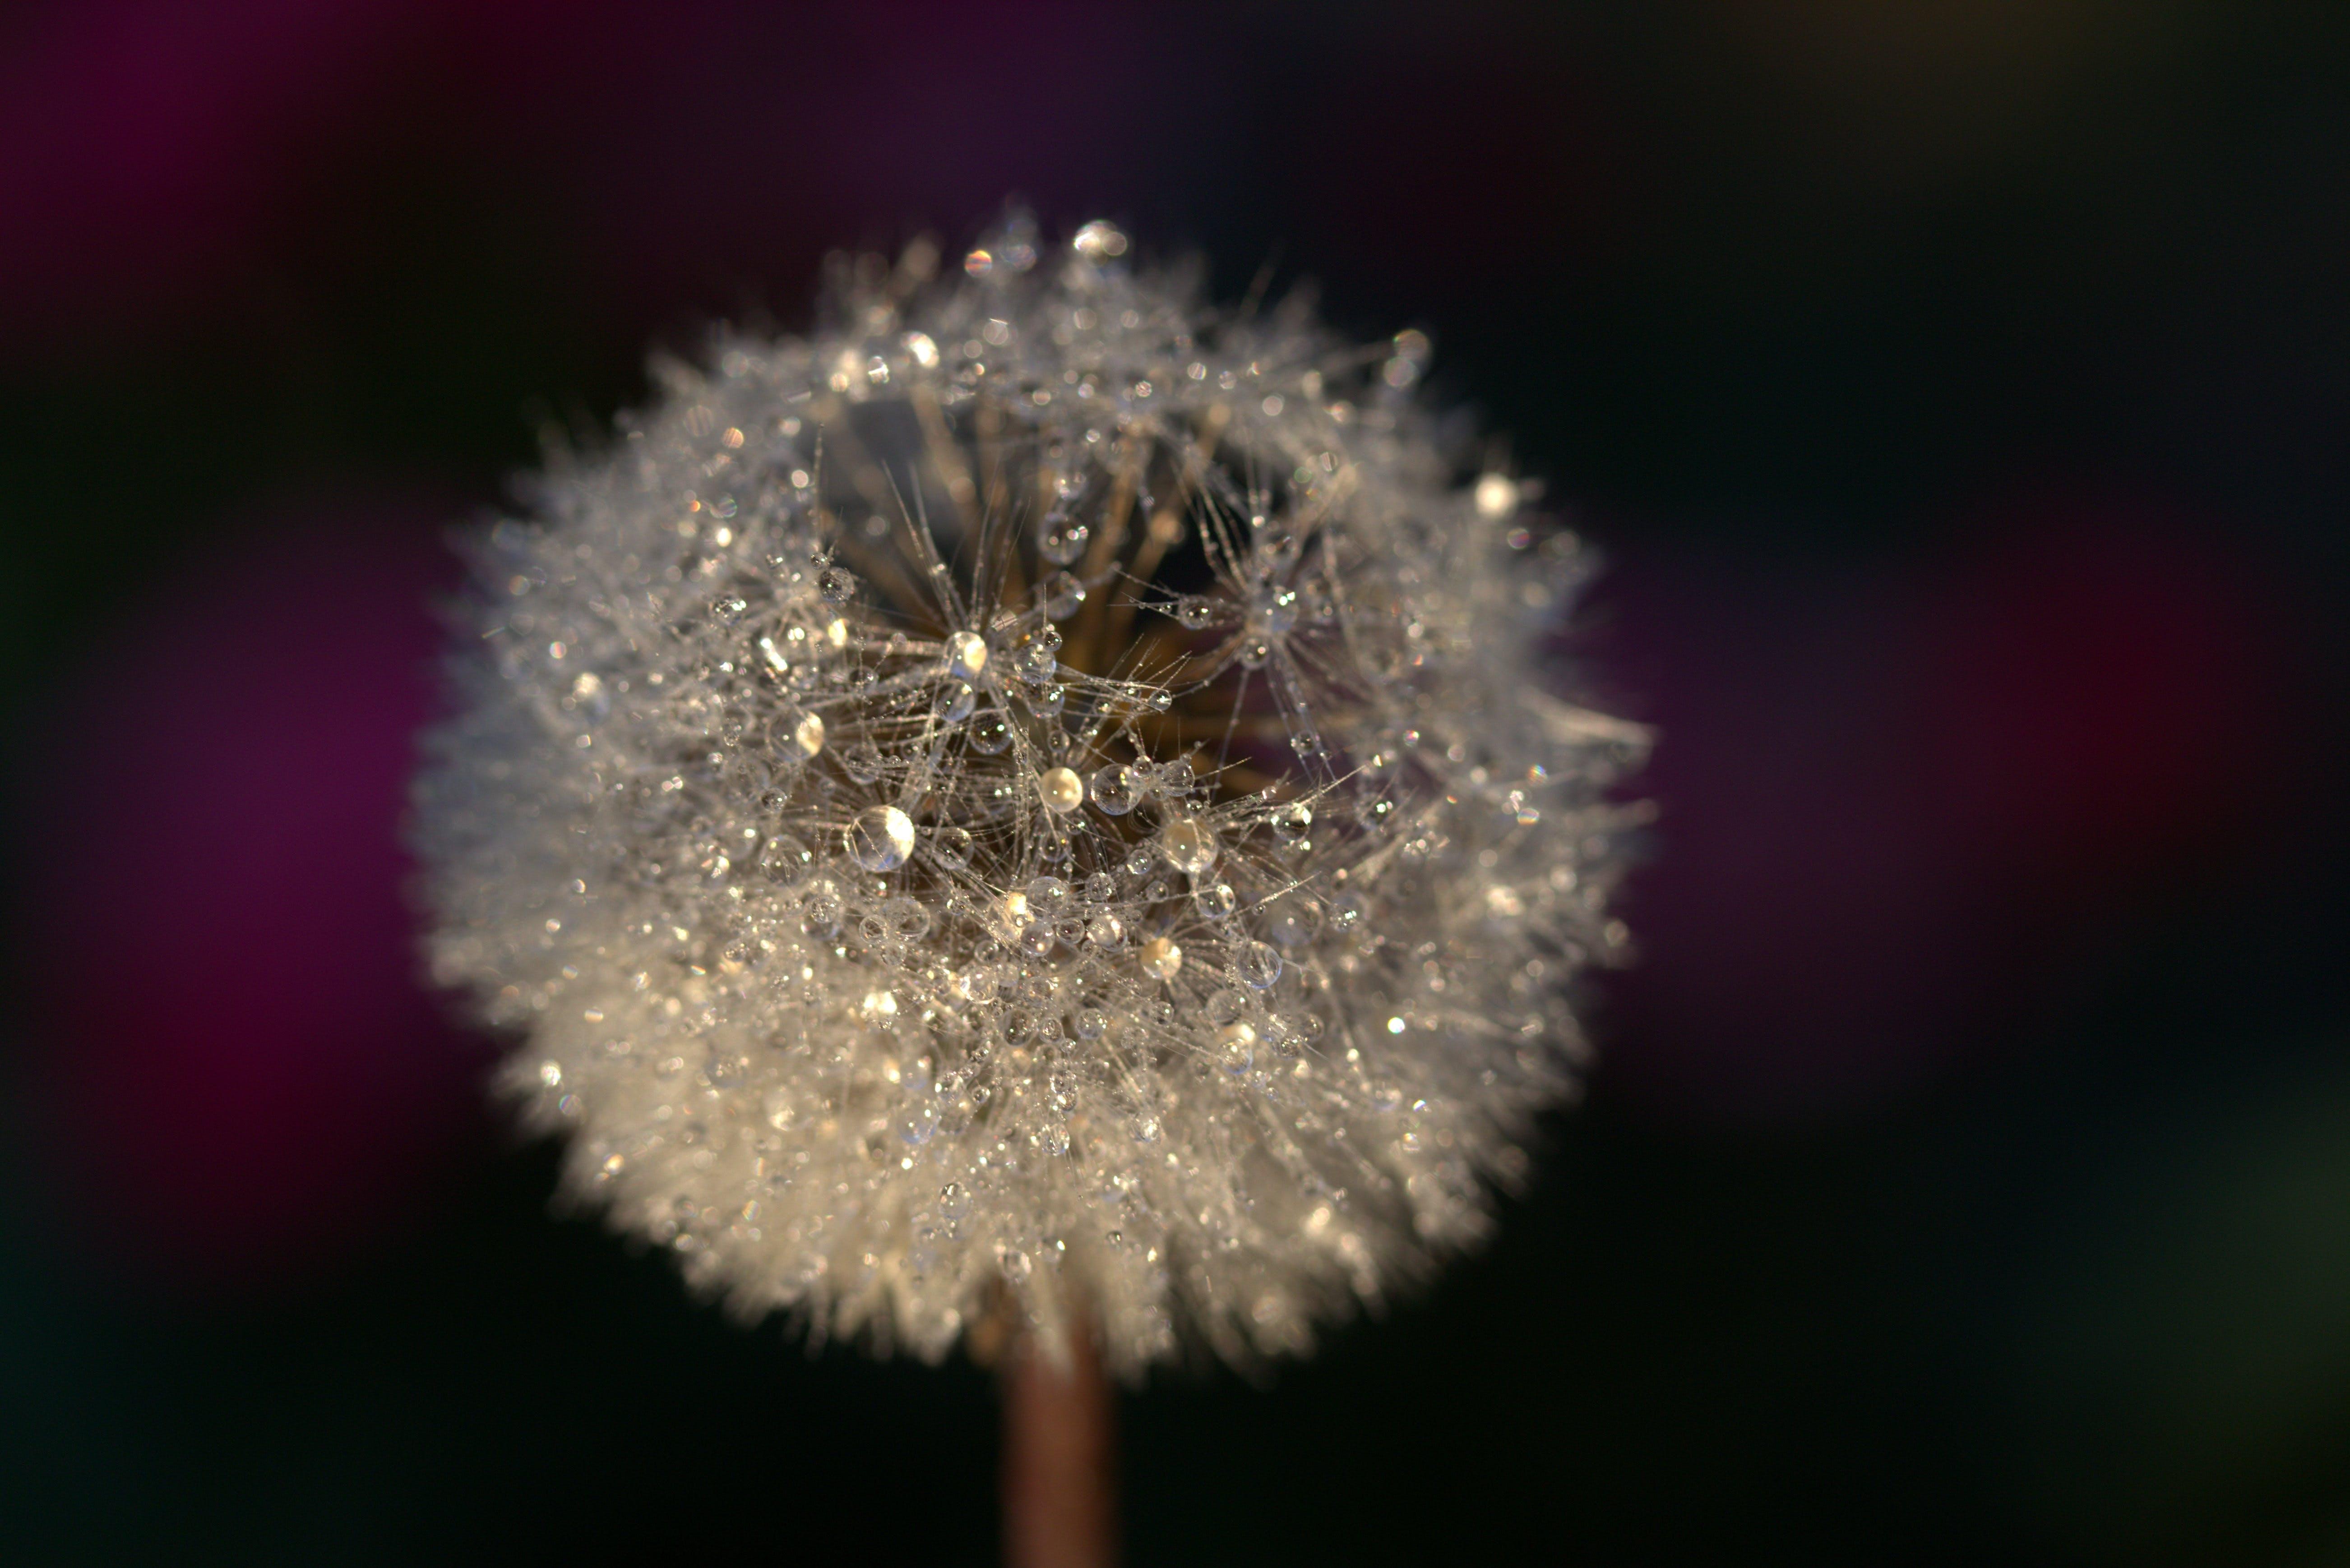 blur, close-up, dandelion